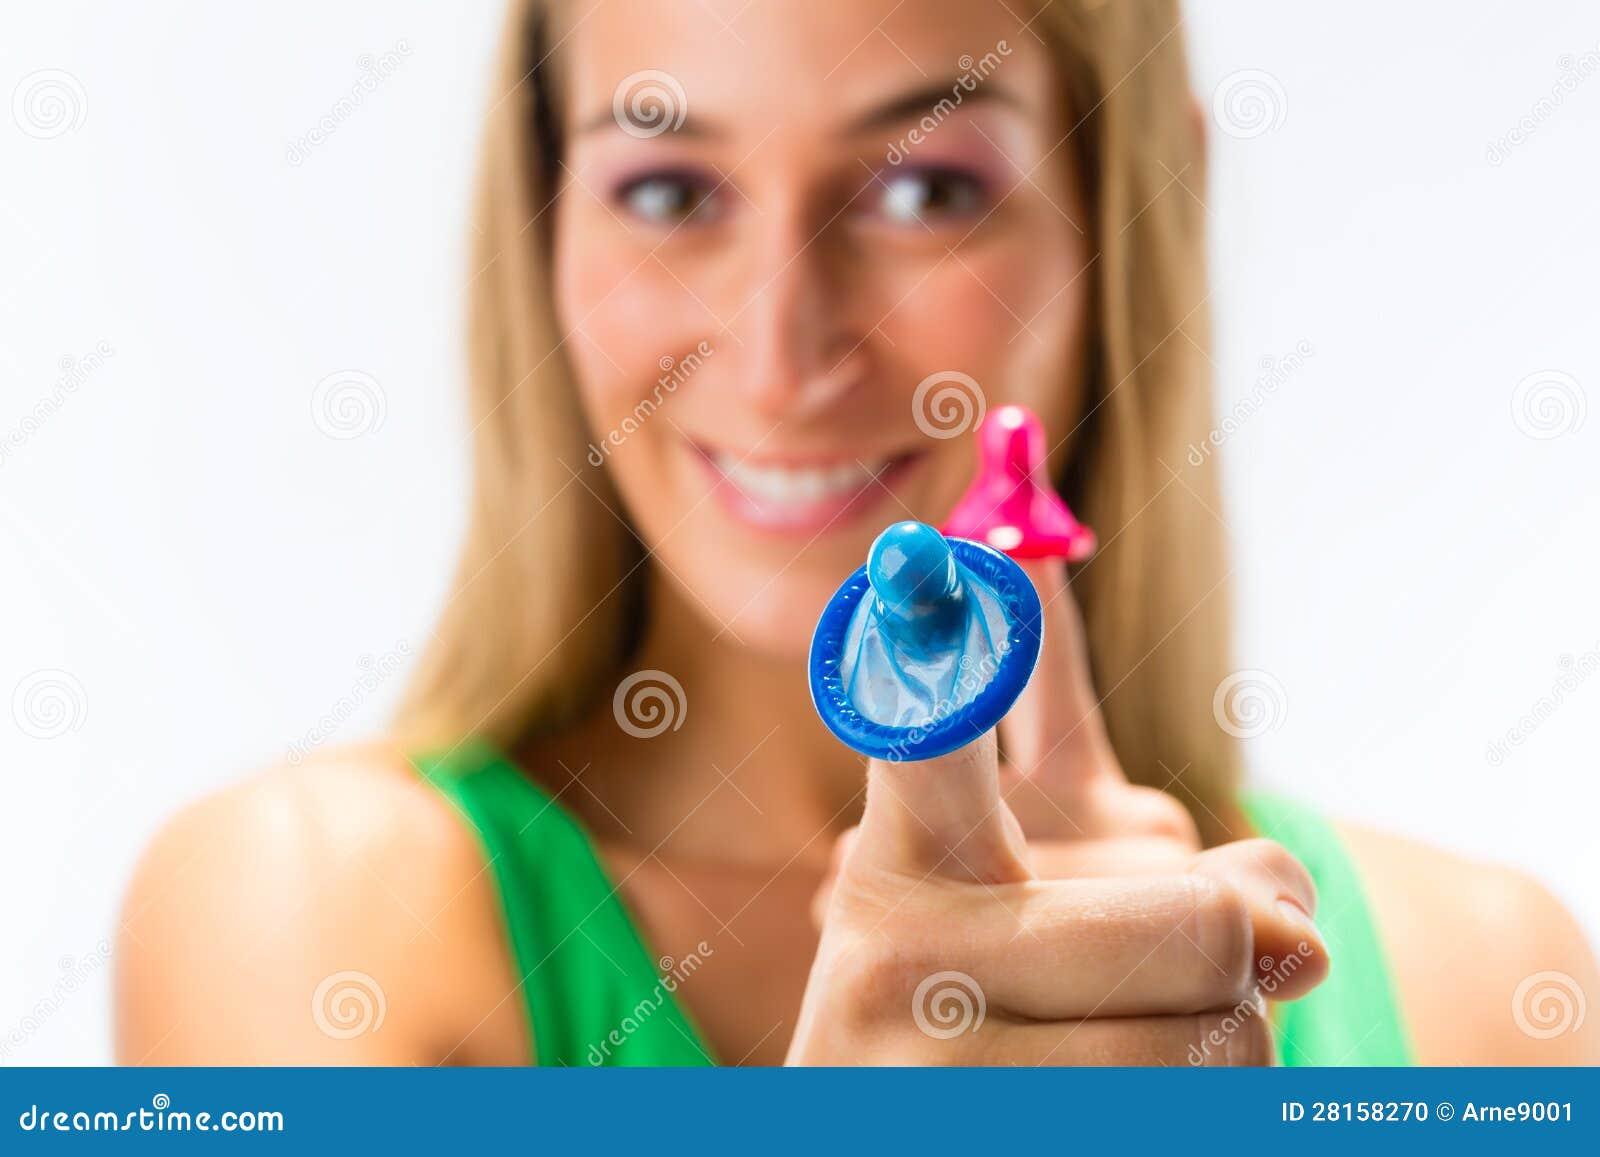 Шлюхи москвы секс без презерватива, Услуги проституток Москвы без презерватива 26 фотография